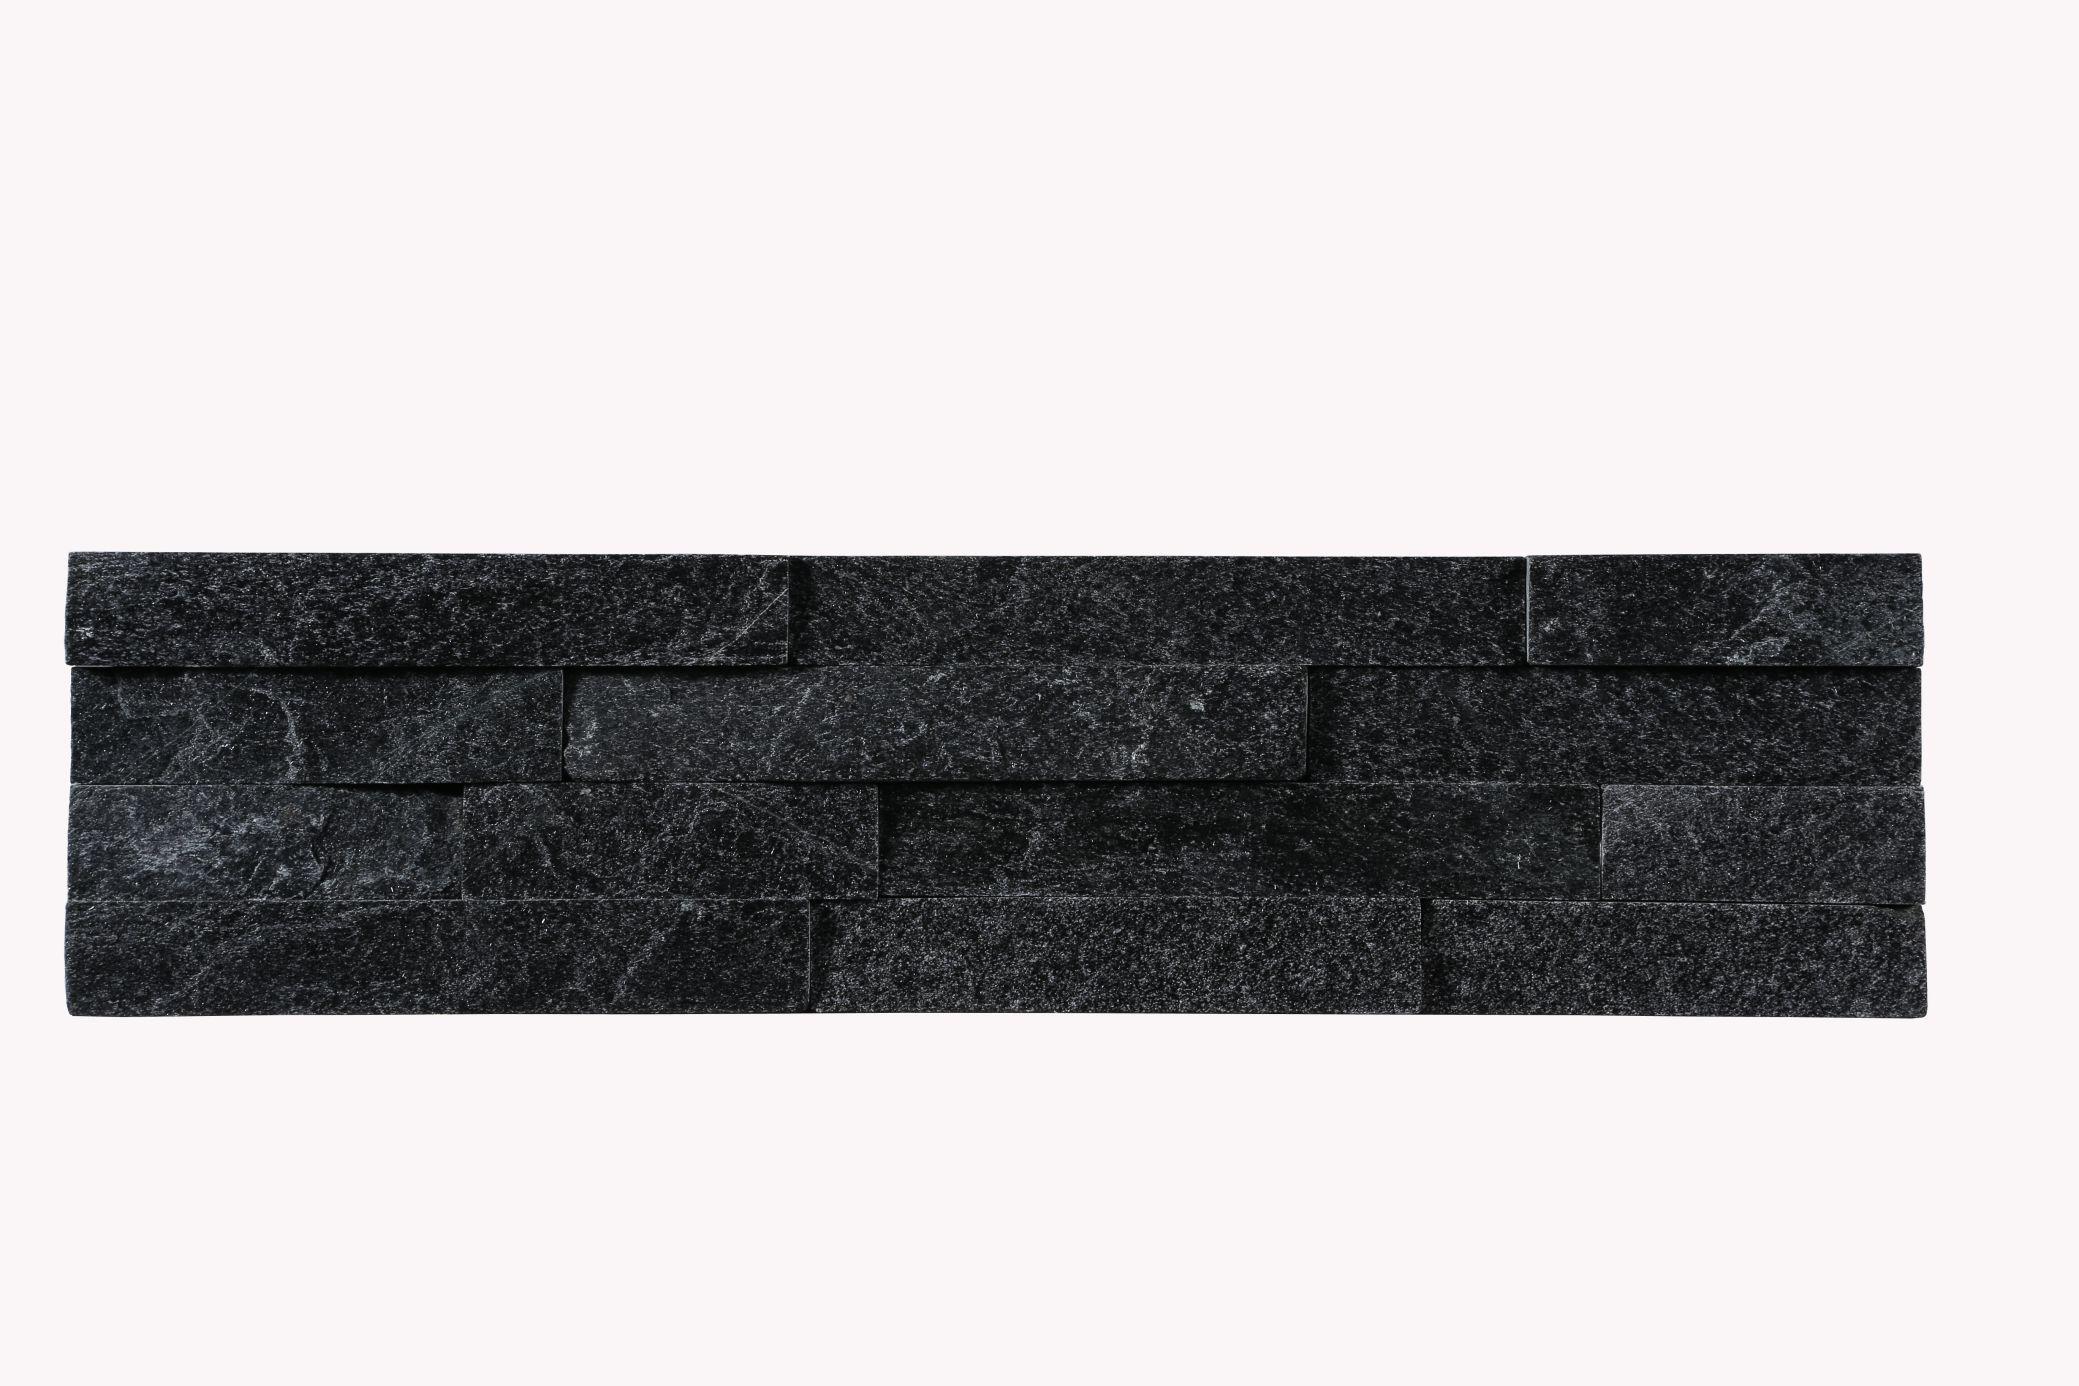 Black quartz culture stone panel